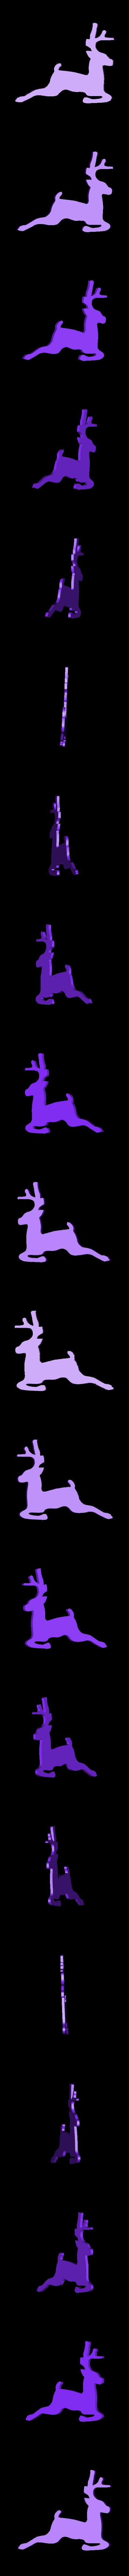 CreativeTools.se_-_ZPrinter-model_-_Reindeer_shape.stl Télécharger fichier STL gratuit Forme du renne • Plan imprimable en 3D, CreativeTools